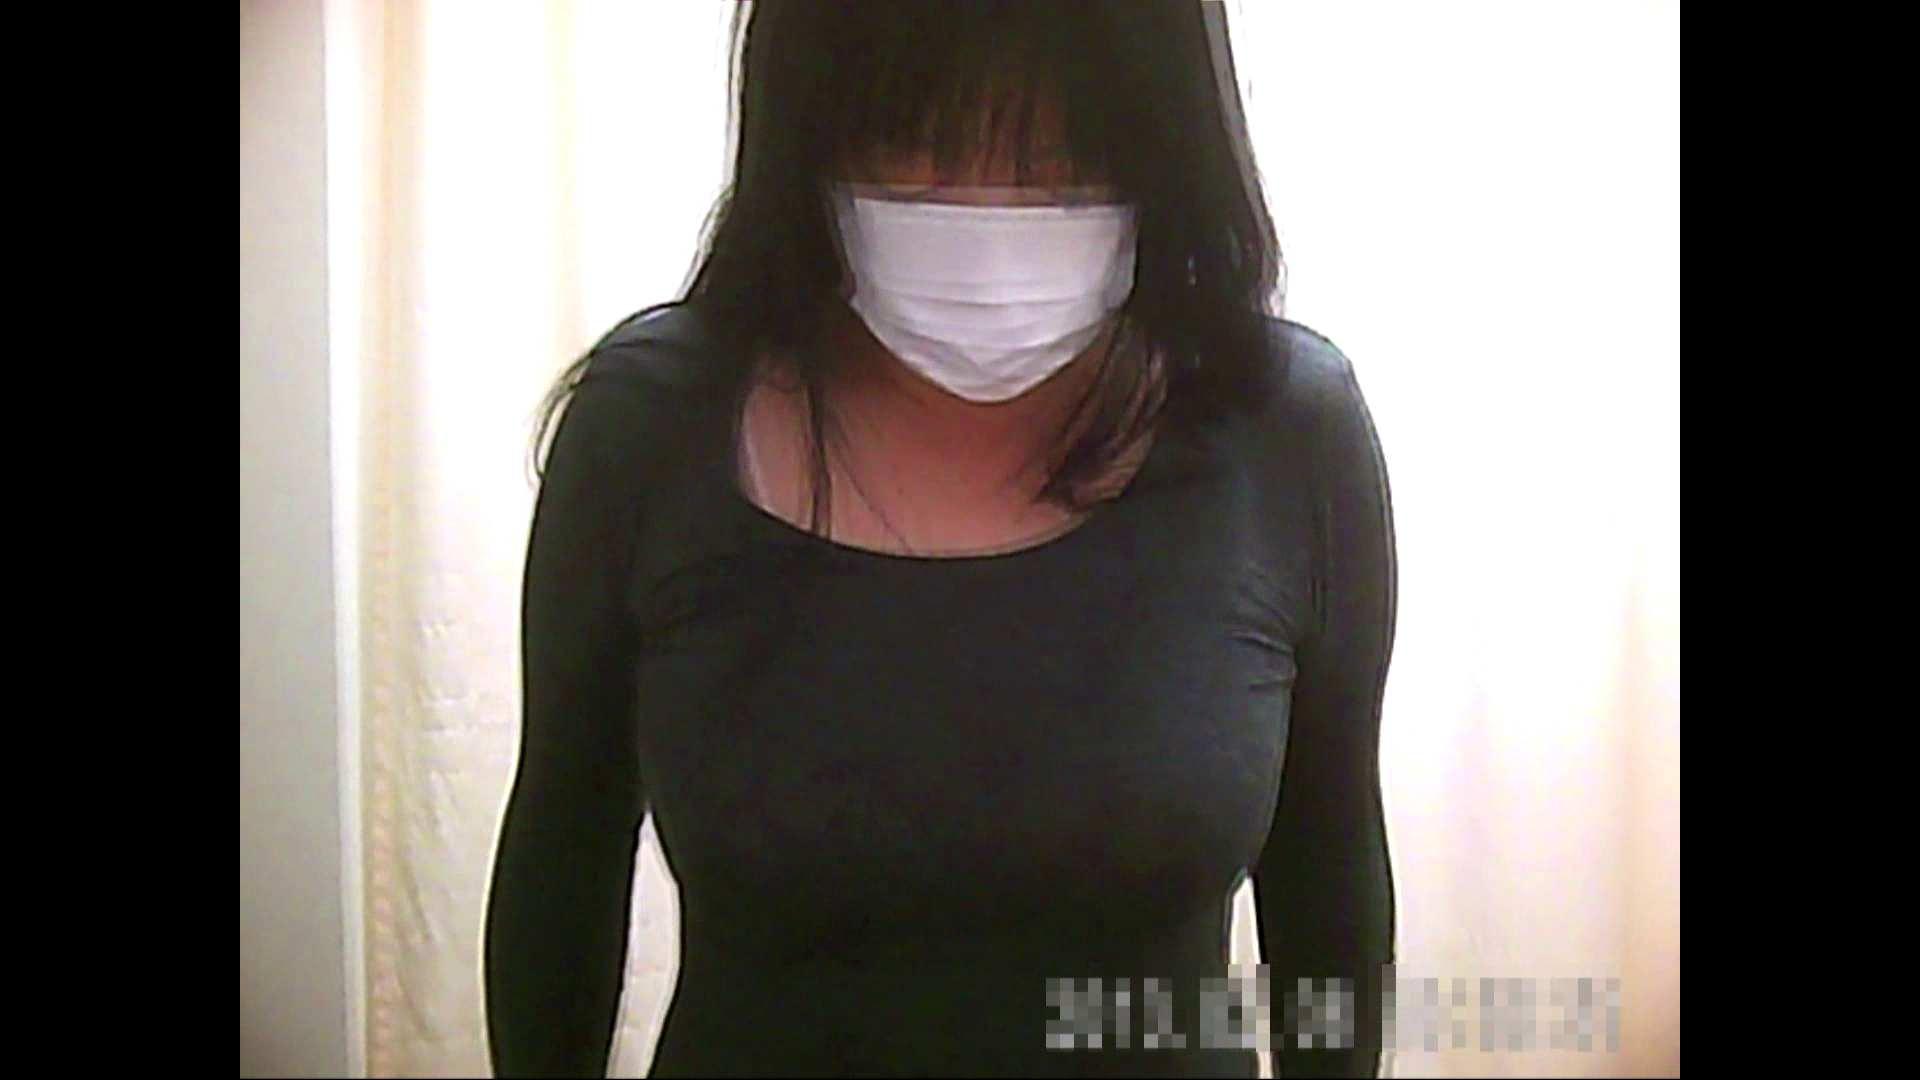 元医者による反抗 更衣室地獄絵巻 vol.148 OLのボディ  62PIX 58